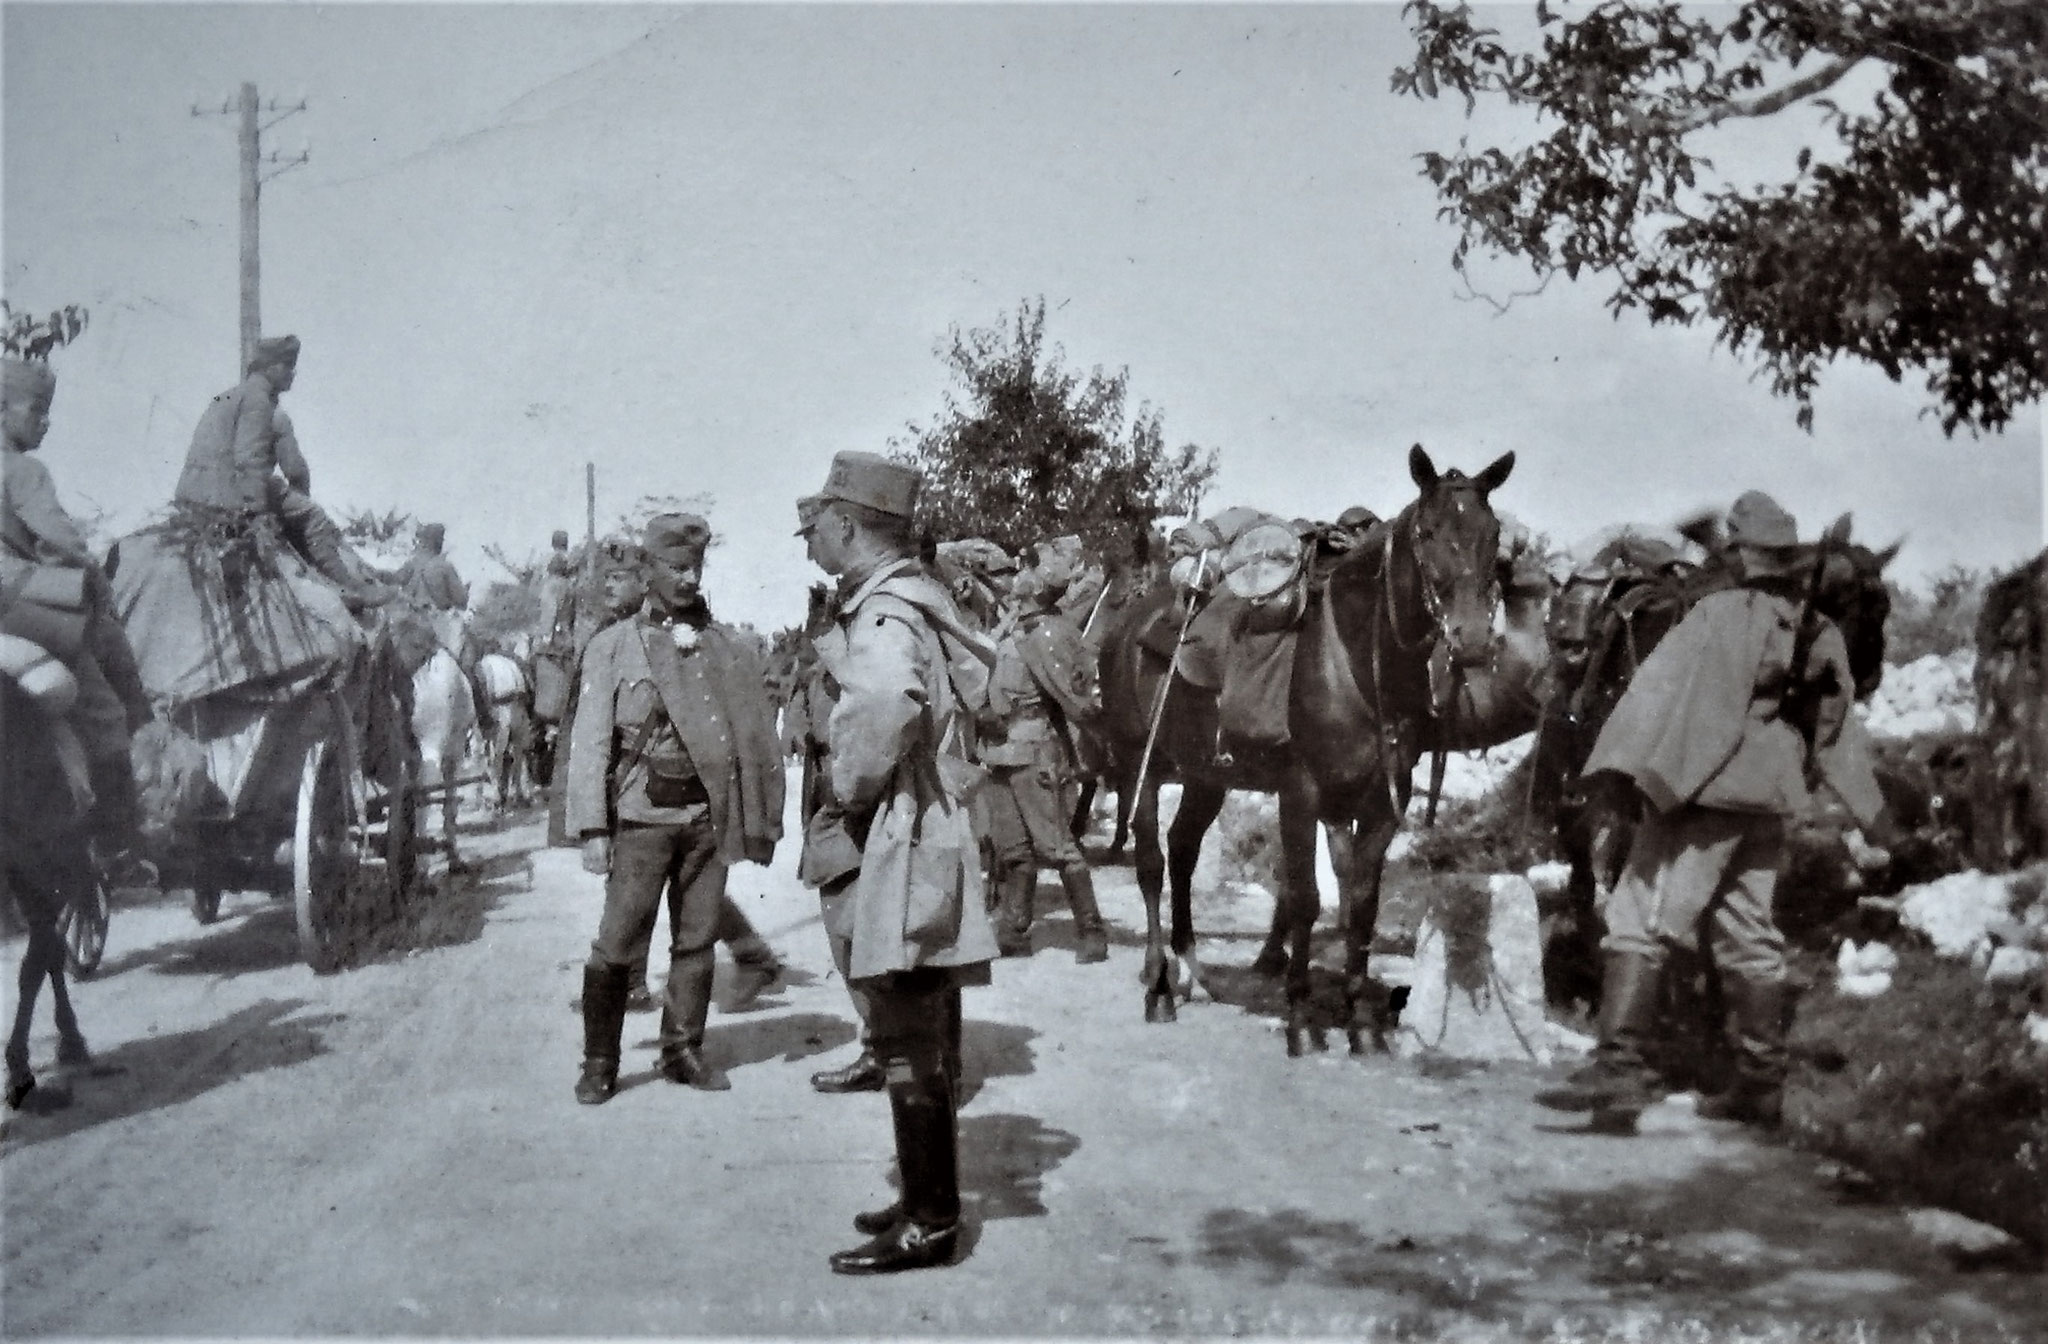 Opcina-Nabresina: Train des Regimentes u. Tete der 3. Esk. Ich (nur Kopf), Zgfr Franz Tommasini (1. Zug), Nedwed nur Profil, Zenone